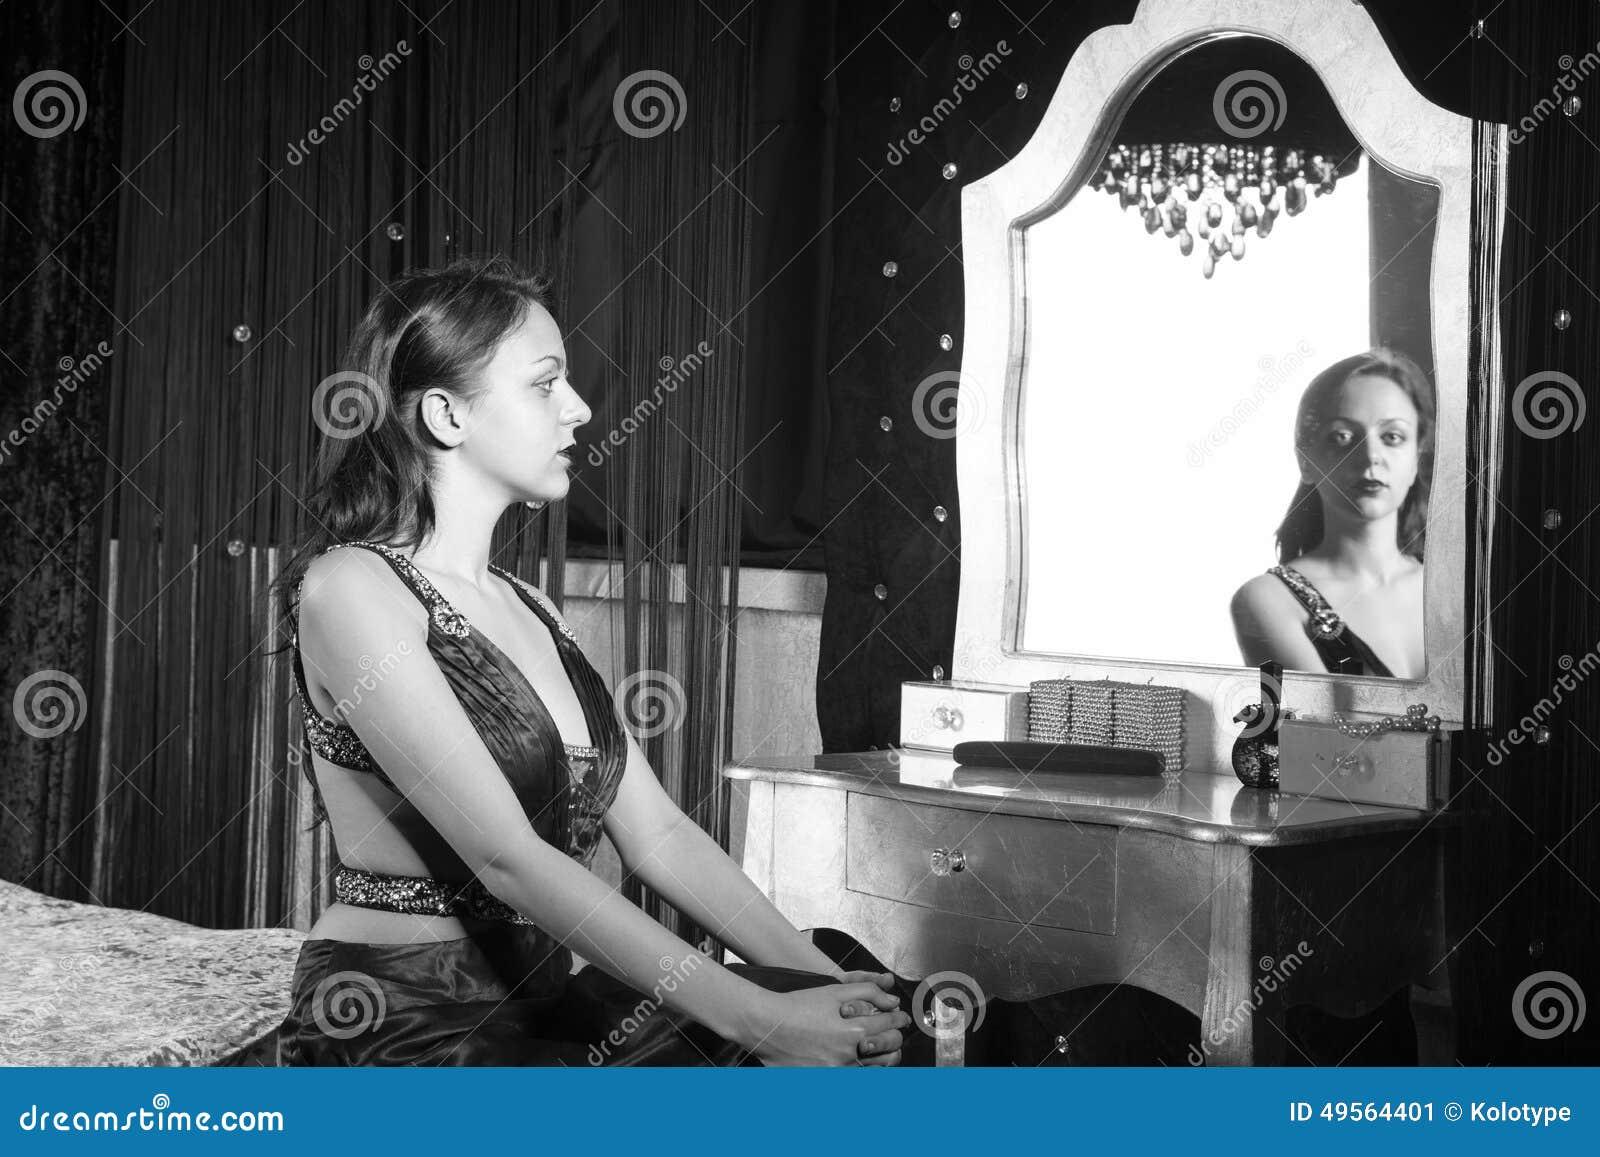 Elegante Frau, Die Kamera Durch Spiegel Betrachtet Stockbild - Bild ...